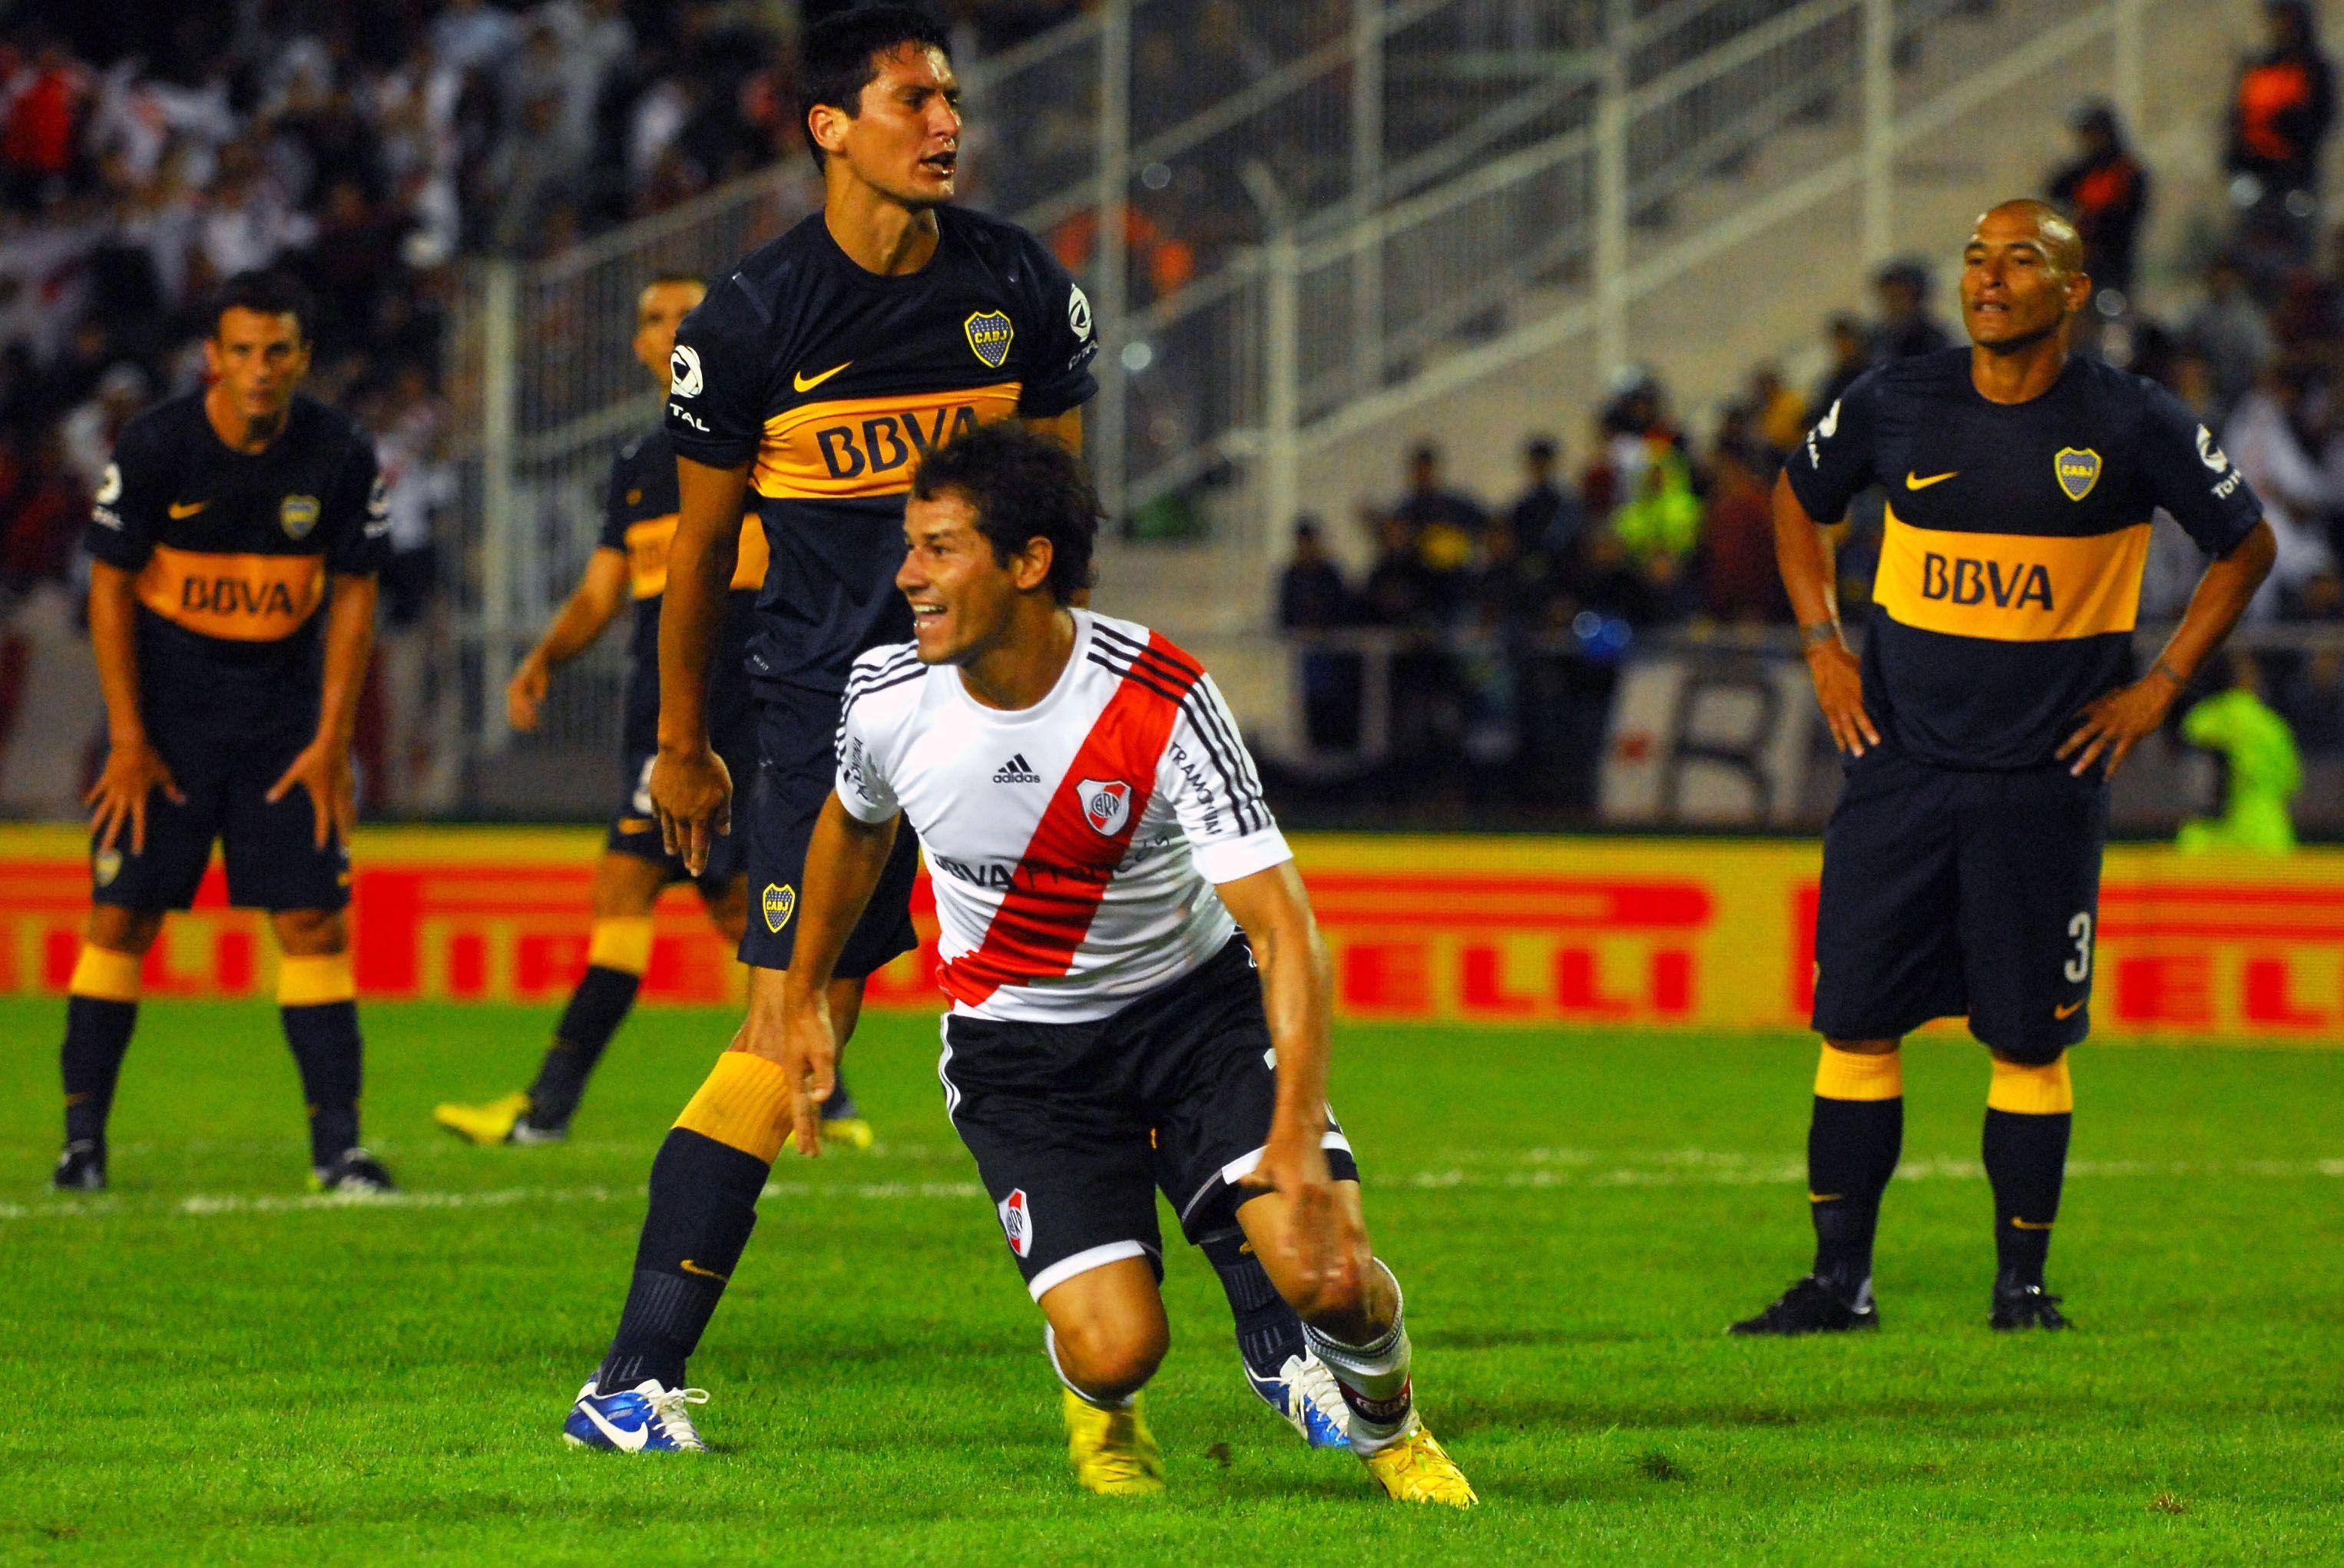 Mora: Cuando salió el primer gol, empezó a salir todo bien